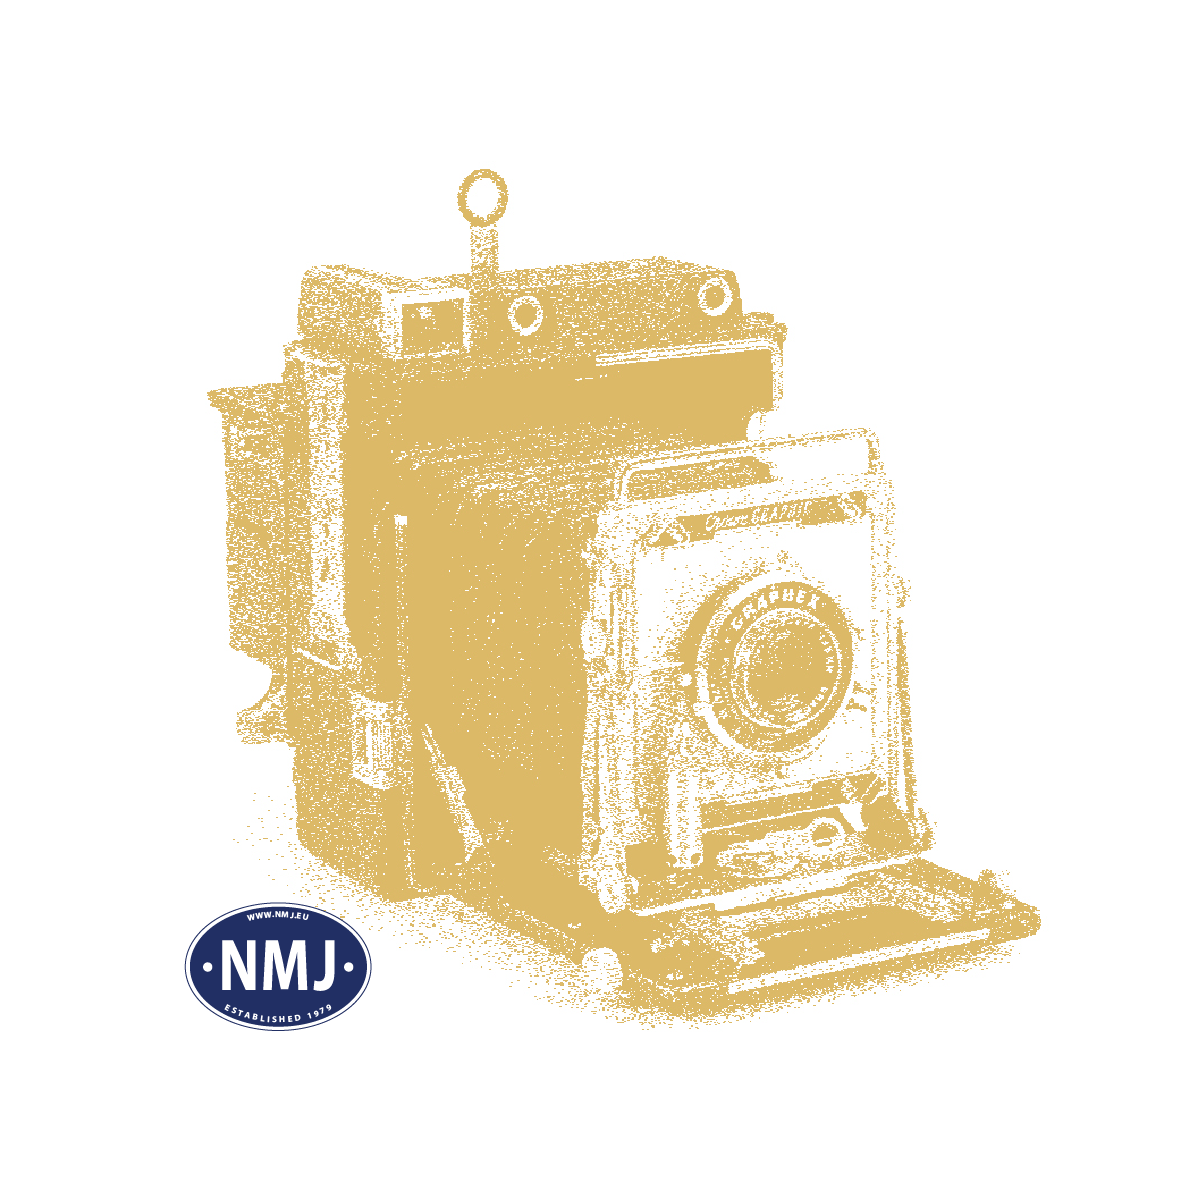 NMJT609.504 - NMJ Topline TGOJ Gre 11003